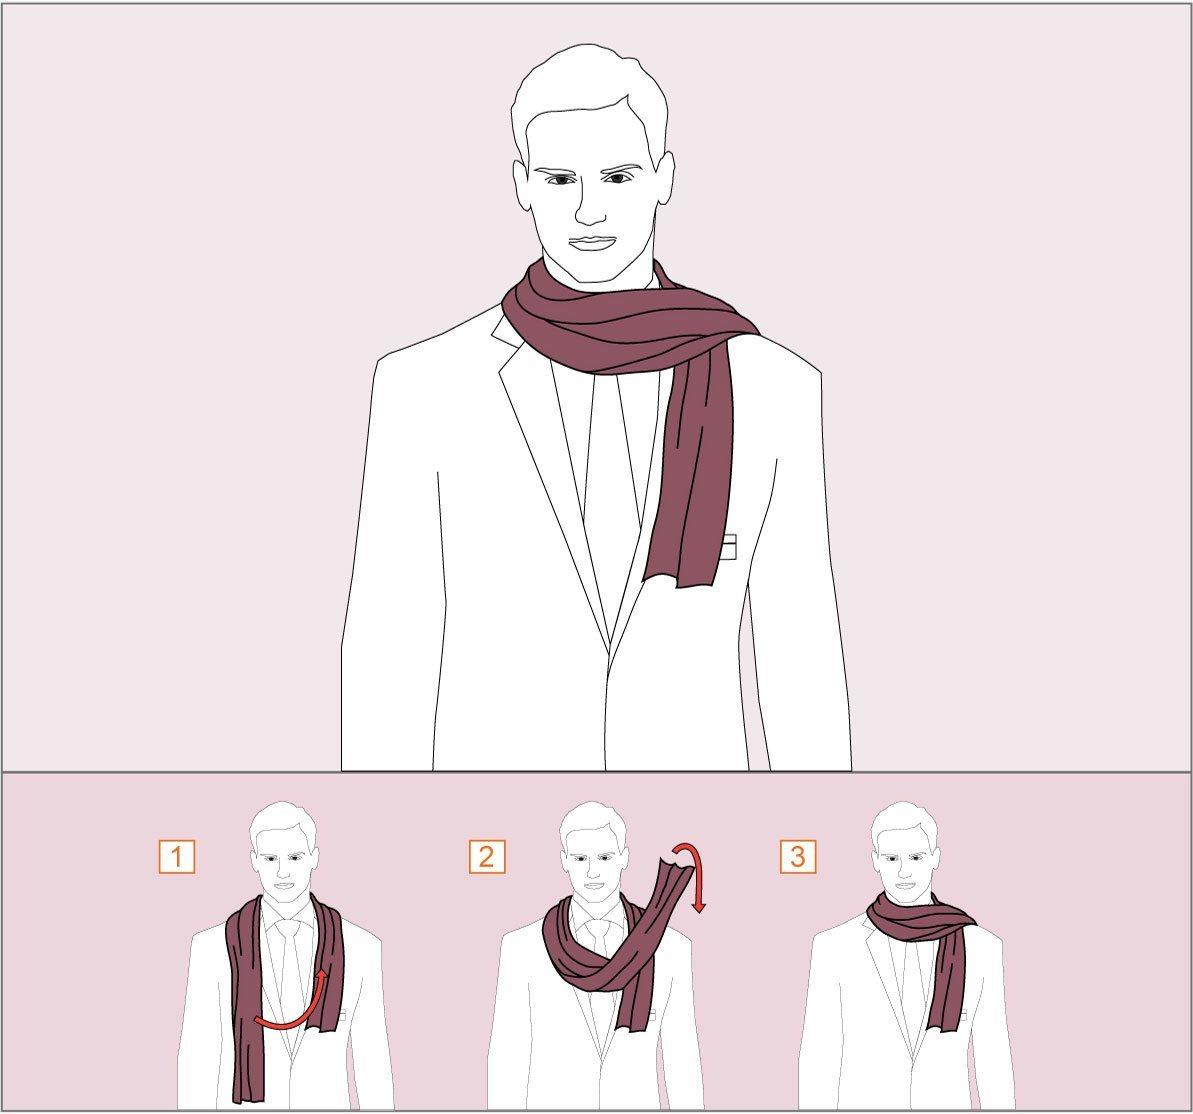 способ завязывания шарфа свободный художник